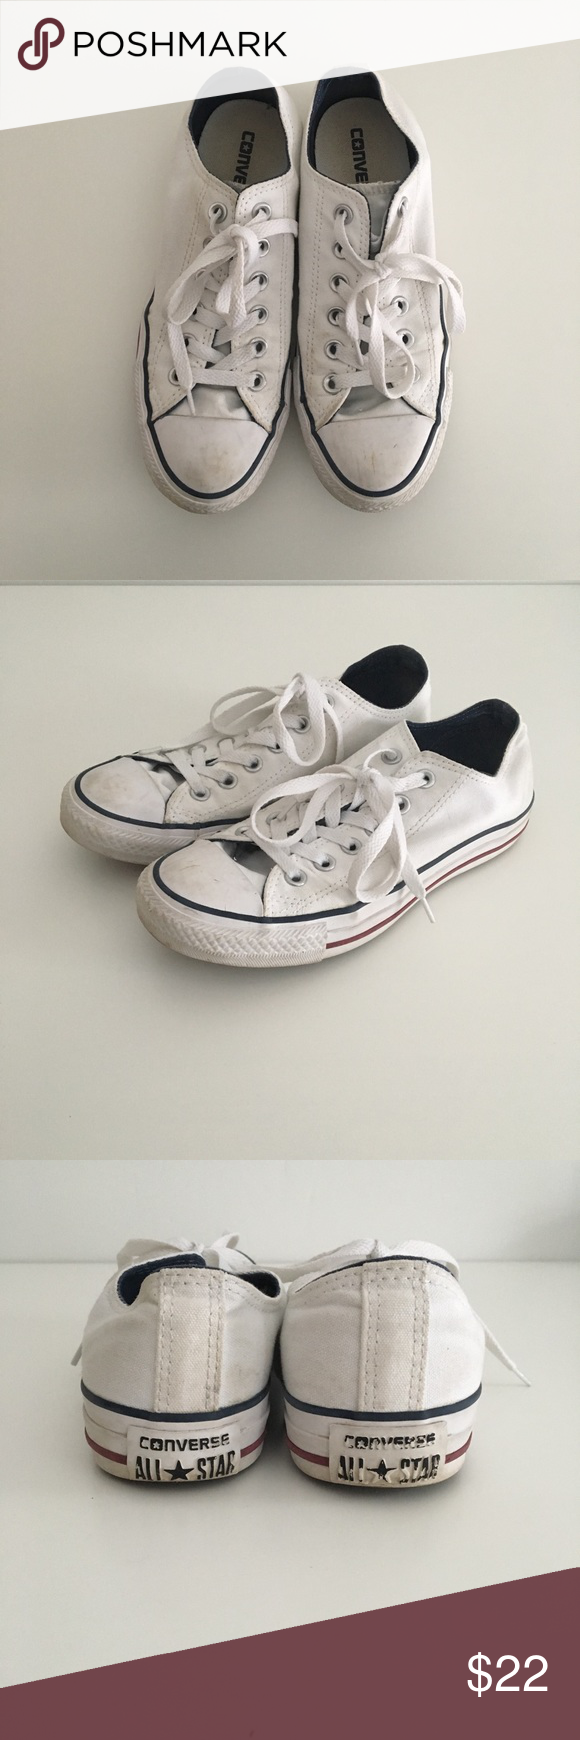 3e601ec4fe5 AllStar White Converse AllStar White Converse. These are fake ...